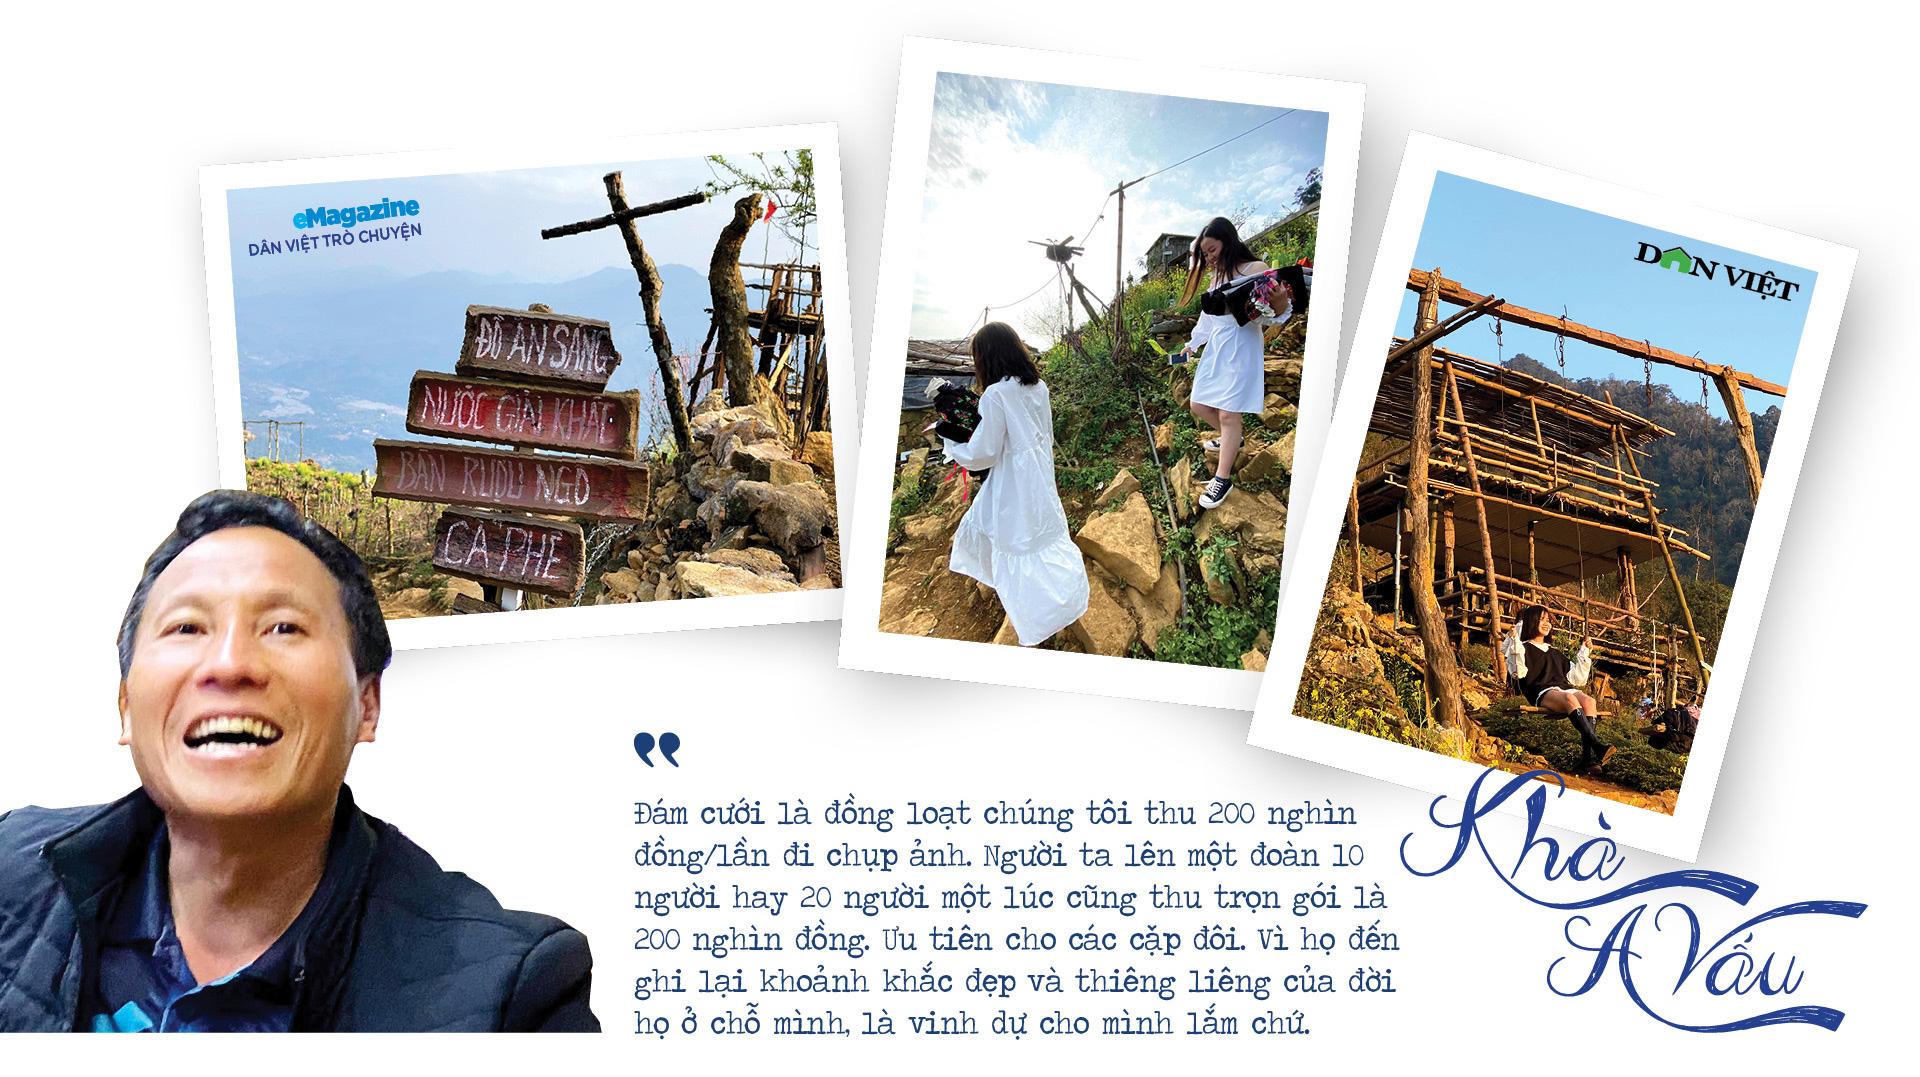 """Dân Việt trò chuyện:Khà A Vấu - vinh danh """"Thiên đường mây"""" trên """"Miền đất lửa"""" - Ảnh 14."""